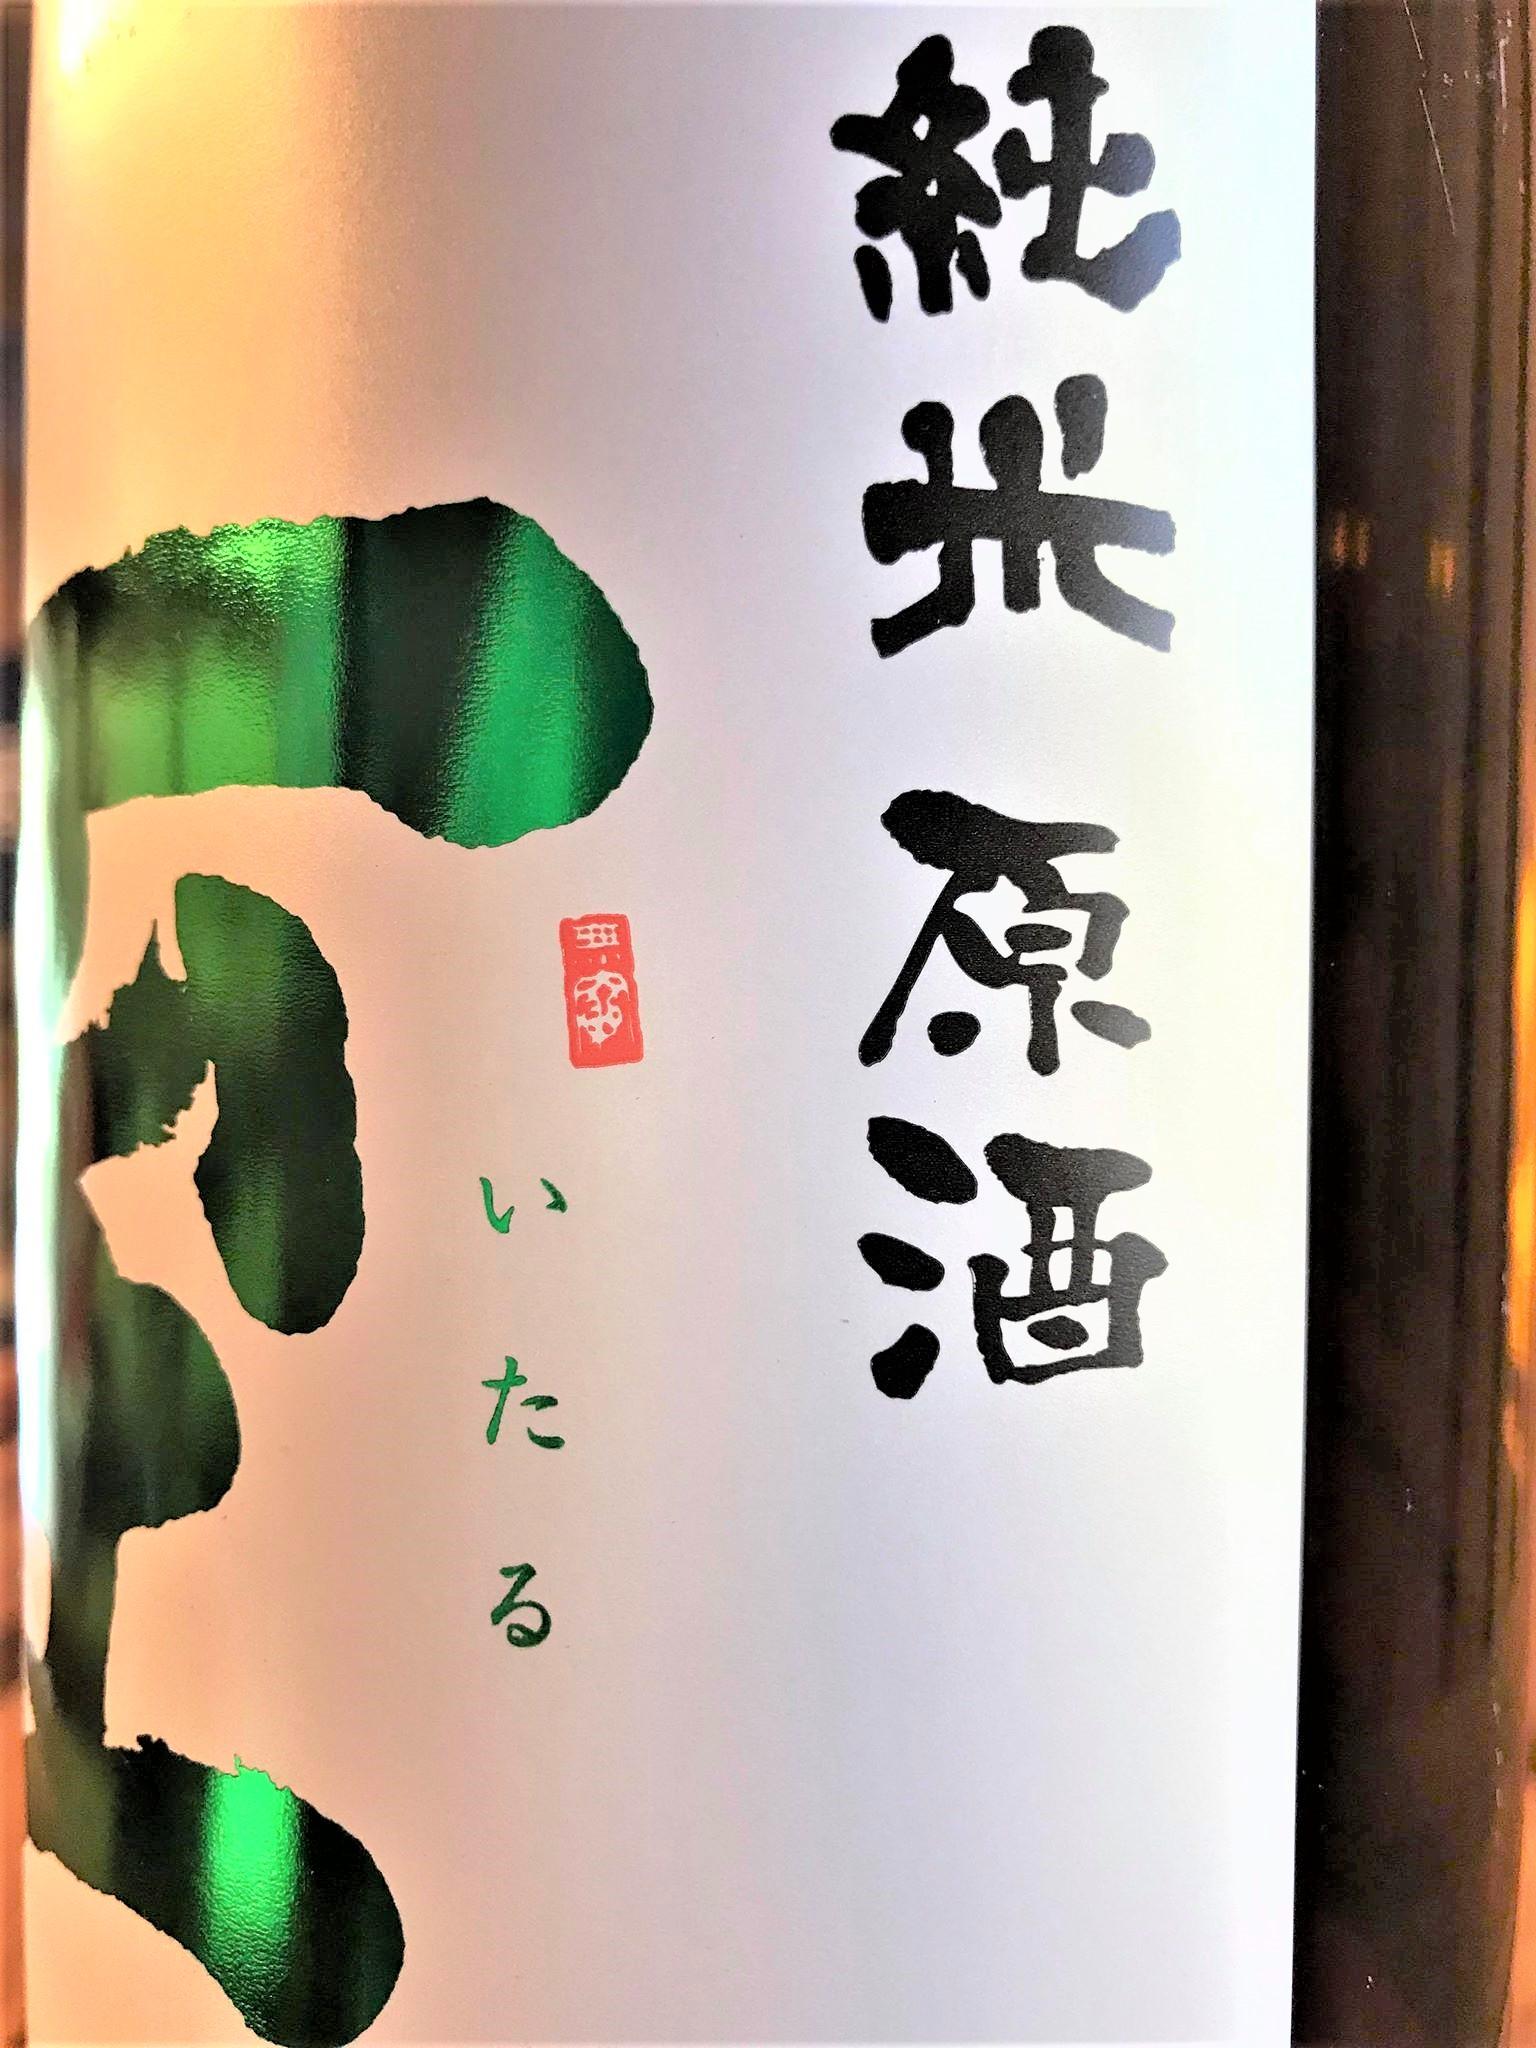 【日本酒】至 ITARU 純米 無濾過生原酒 五百万石仕込み 蔵元特別限定蔵出し 新酒令和1BY🆕_e0173738_14375082.jpg